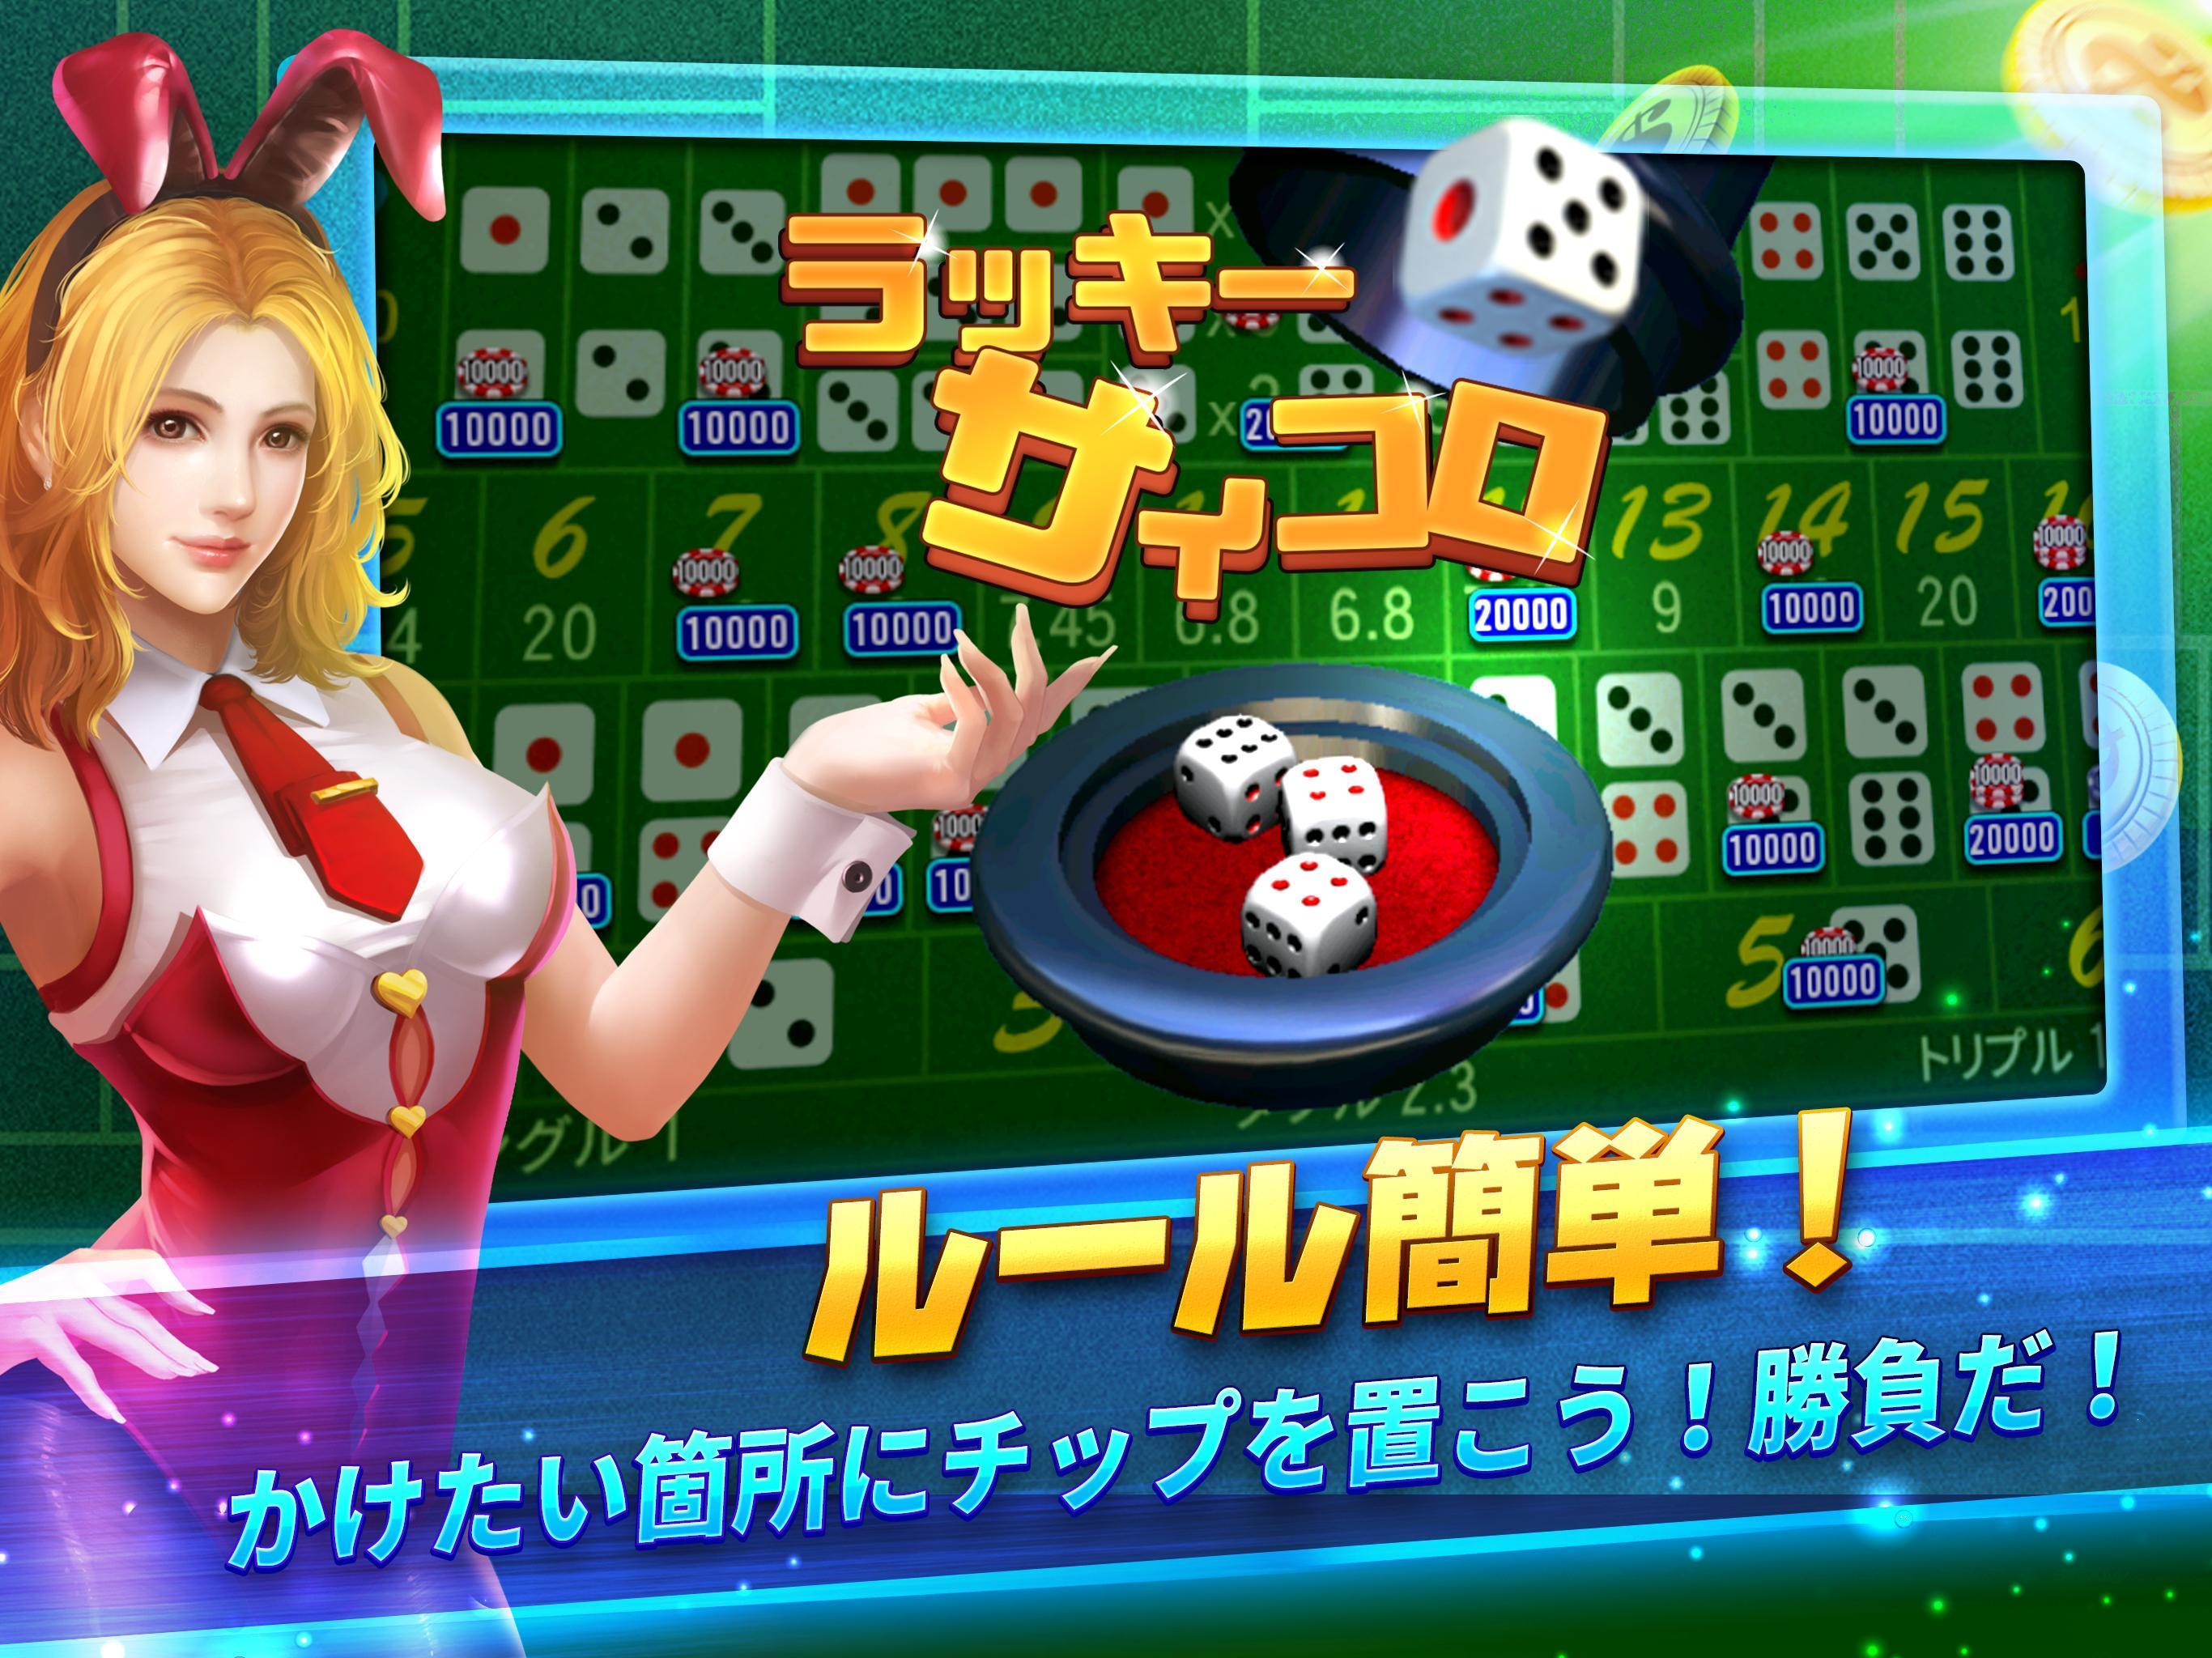 スーパーラッキーカジノ ~ オーシャンモンスター、スロット、サイコロ、ポーカー 3.14.1 Screenshot 11